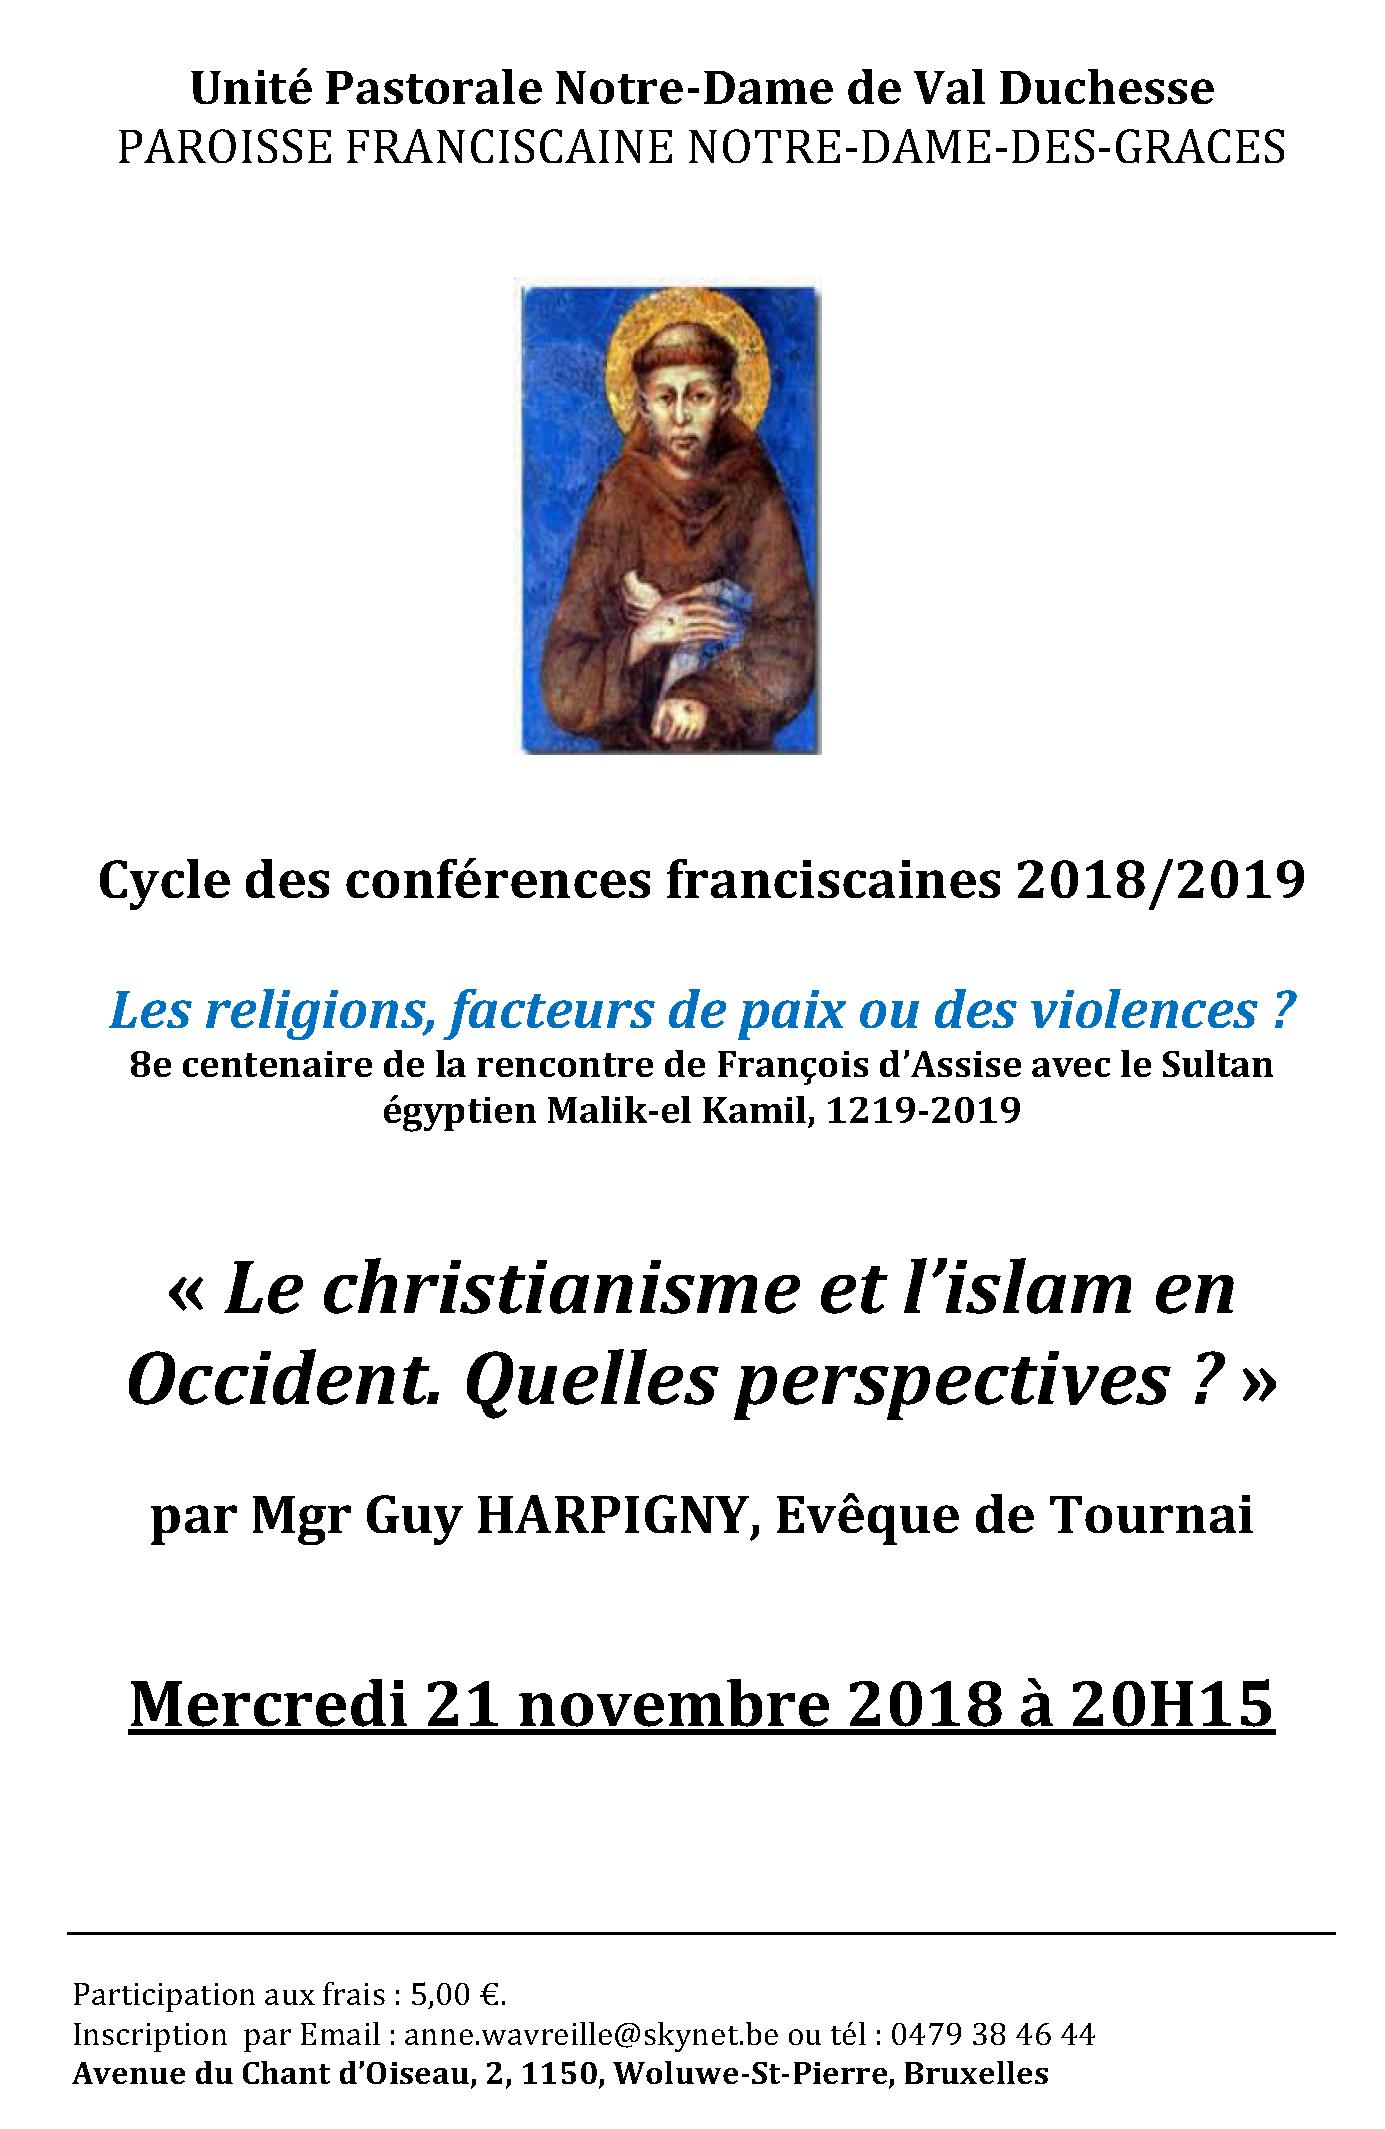 Conférence franciscaine : «Le christianisme et l'islam en Occident. Quelles perspectives? » par Mgr Guy Harpigny, Evêque de Tournai @ Notre-Dame des Grâces (cure)